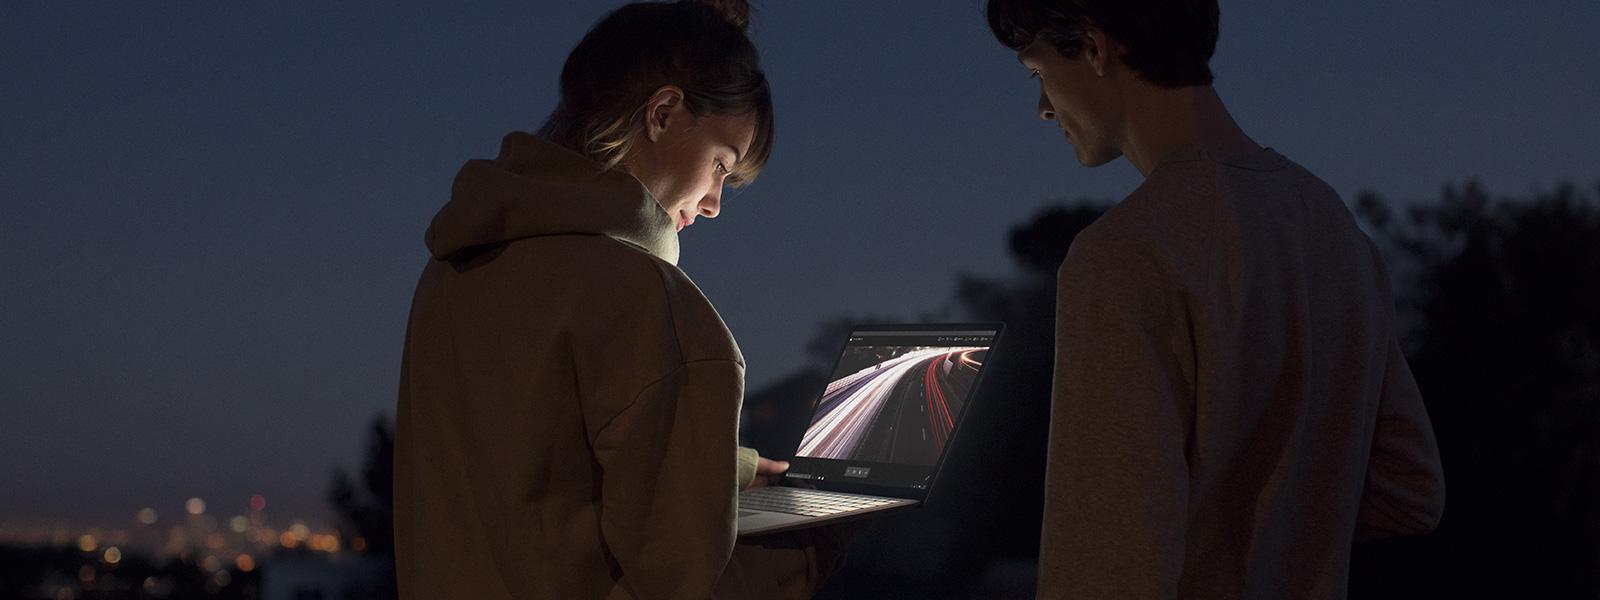 Imagen de dos estudiantes que miran Surface L por la noche.